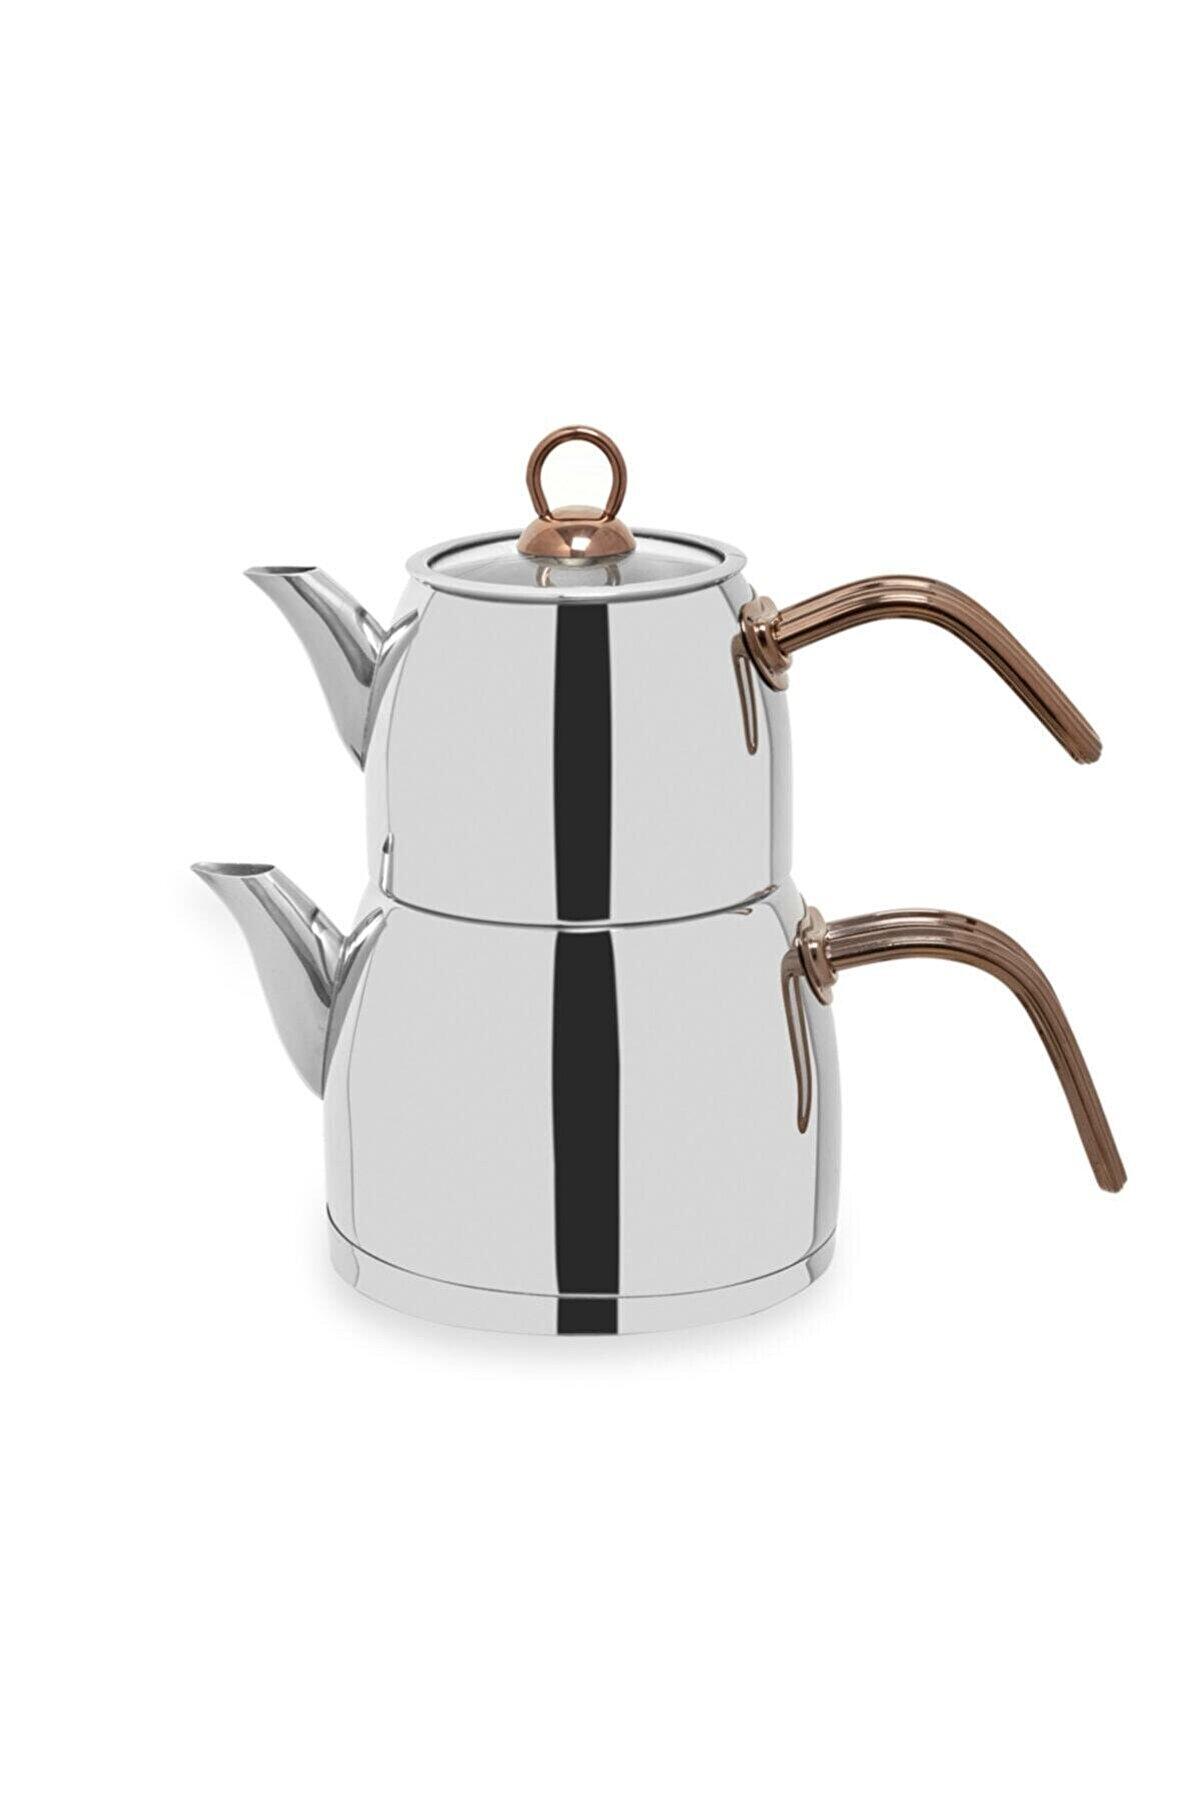 Falez Çaykolik Orta Boy Çaydanlık - Bakır